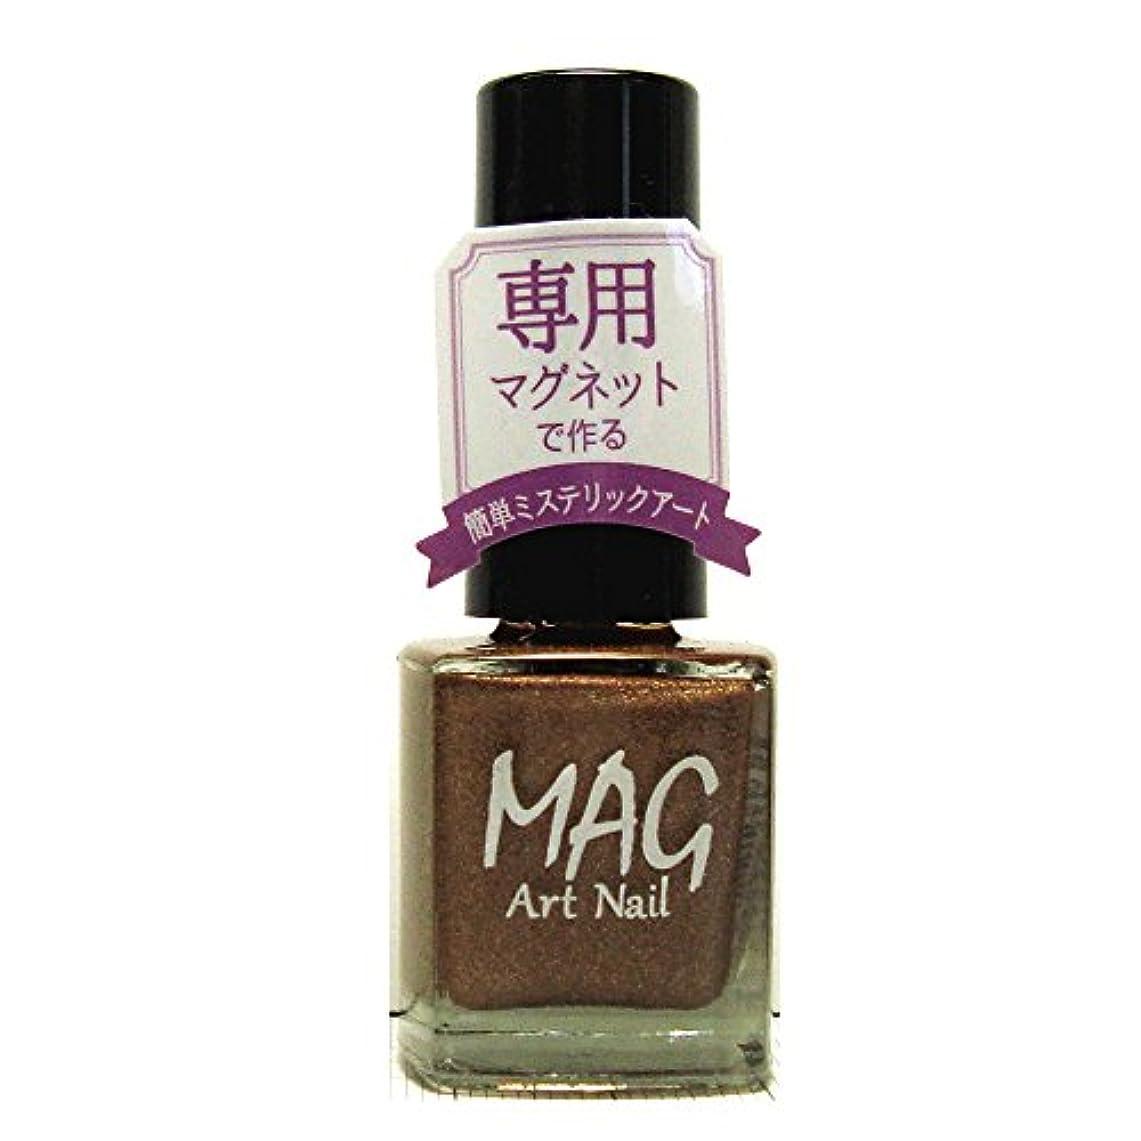 リマメンバーフィッティングTMマグアートネイル(爪化粧料) TMMA1601 ビターゴールド